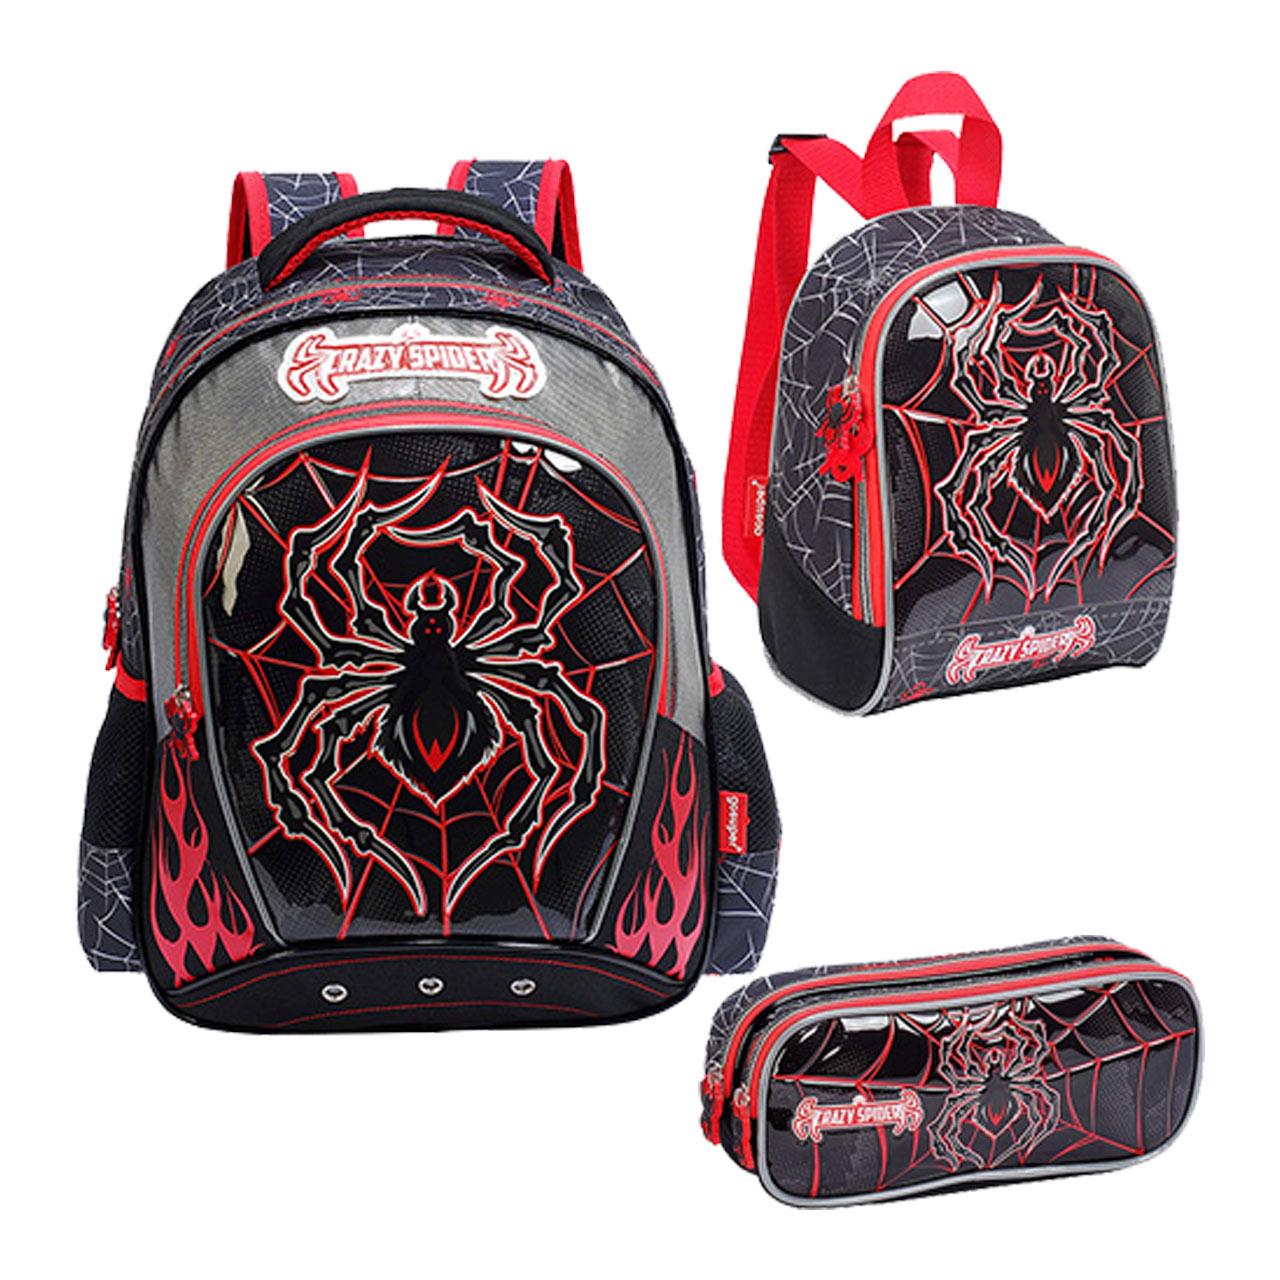 کیف و کوله پشتی مدرسه مدل Crazy Spider CCRS0802109 |